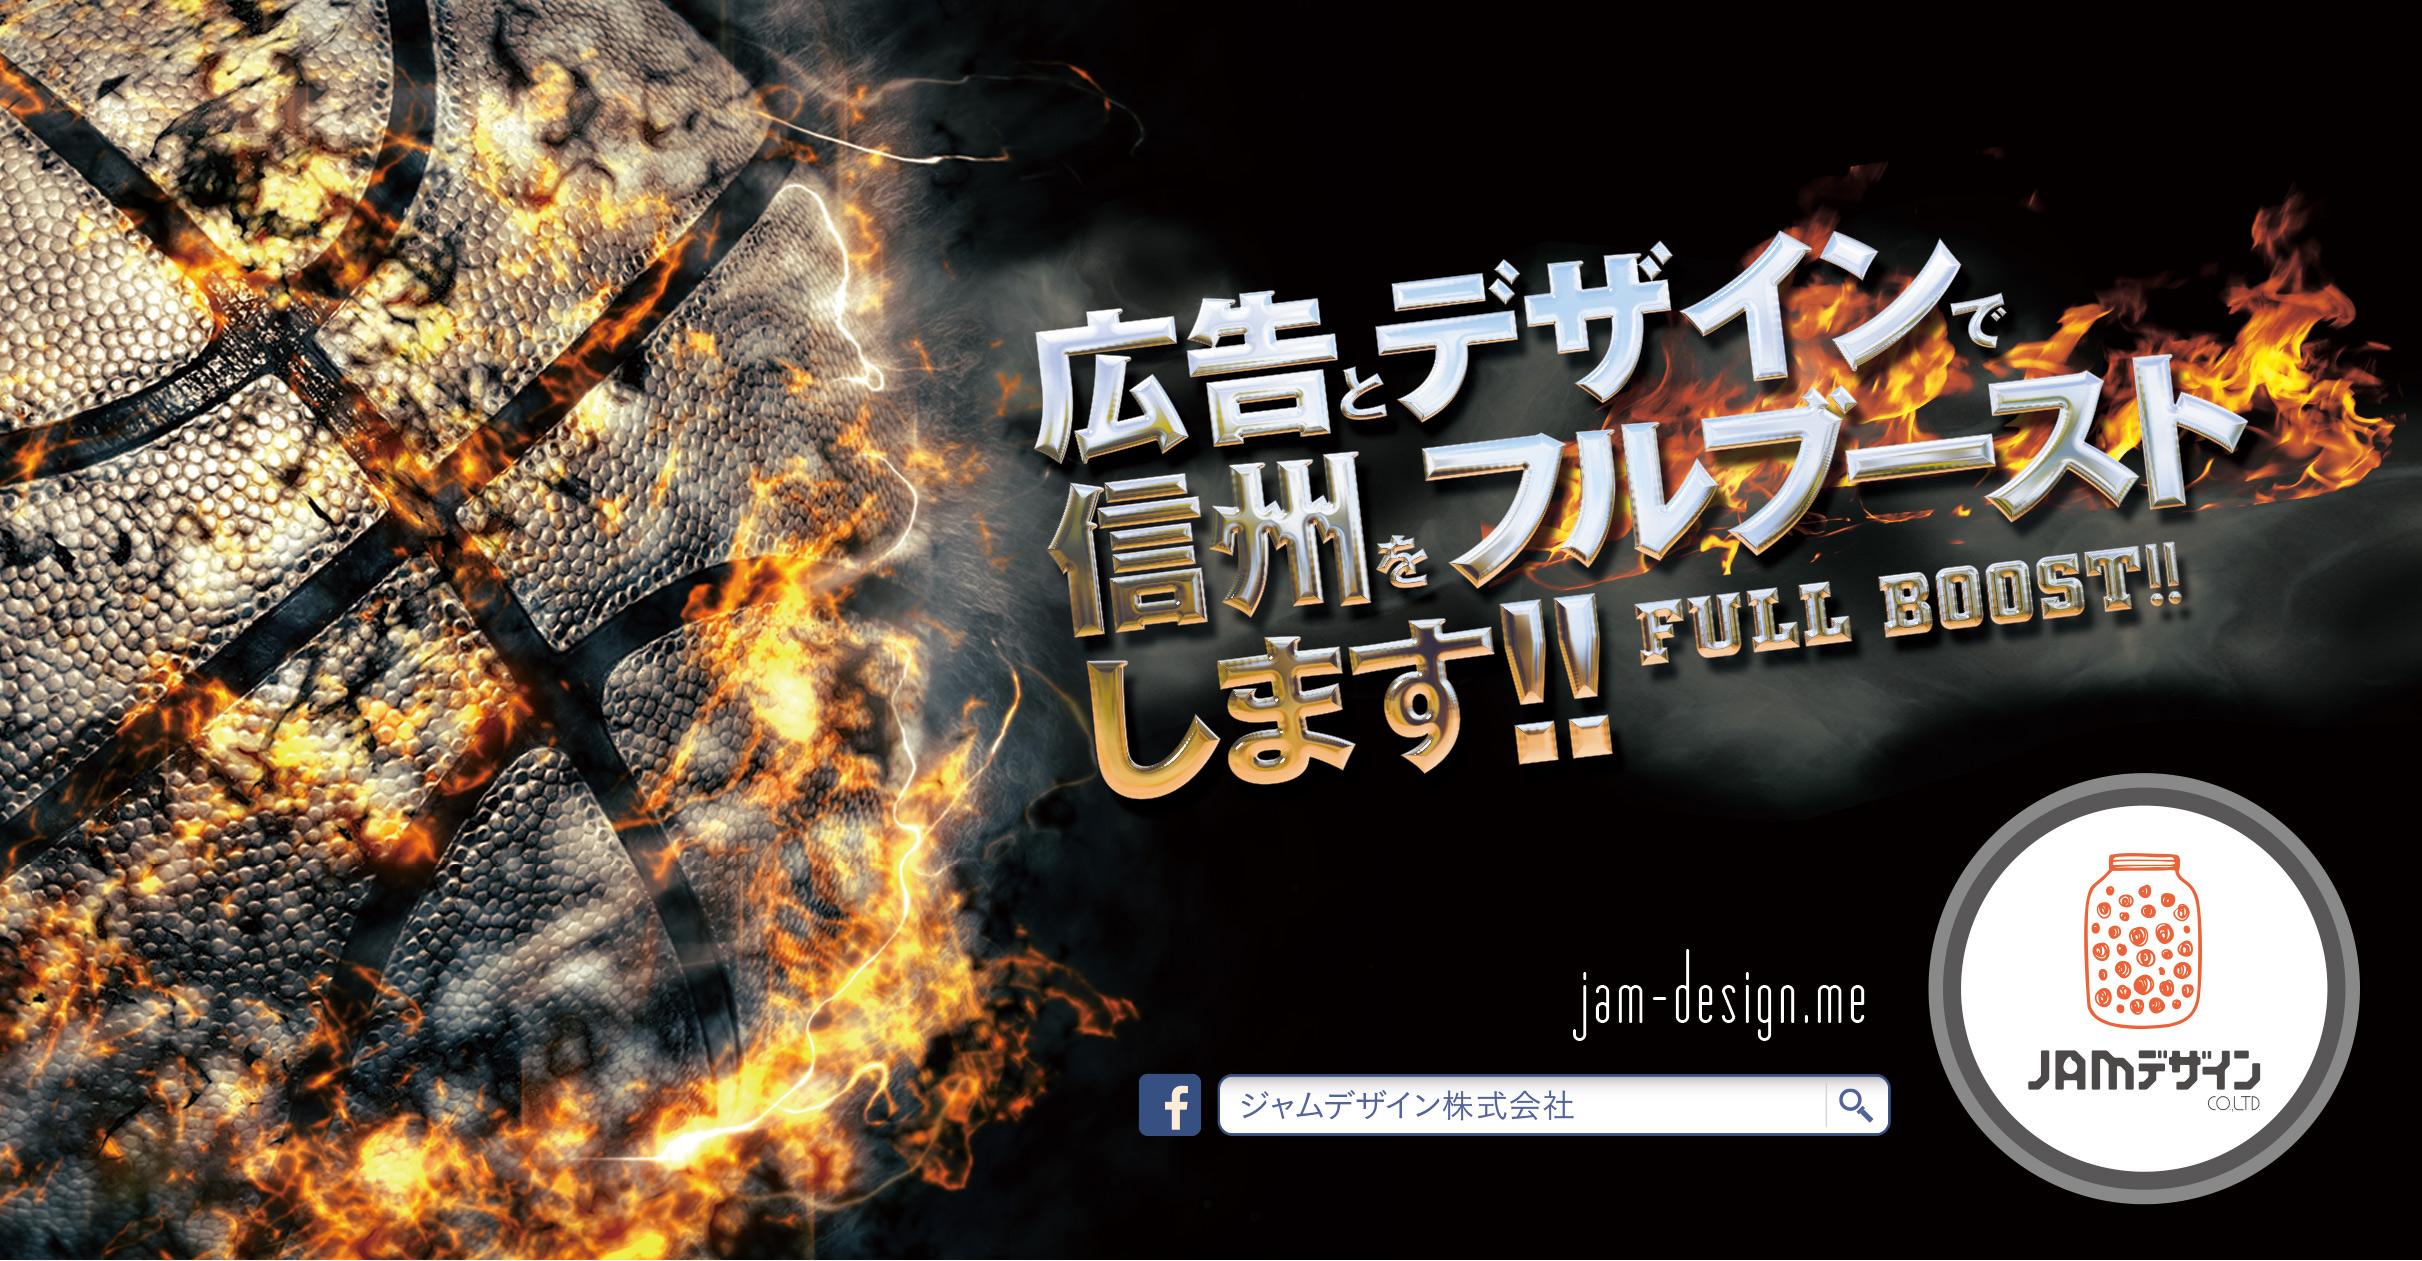 jam_design_boost